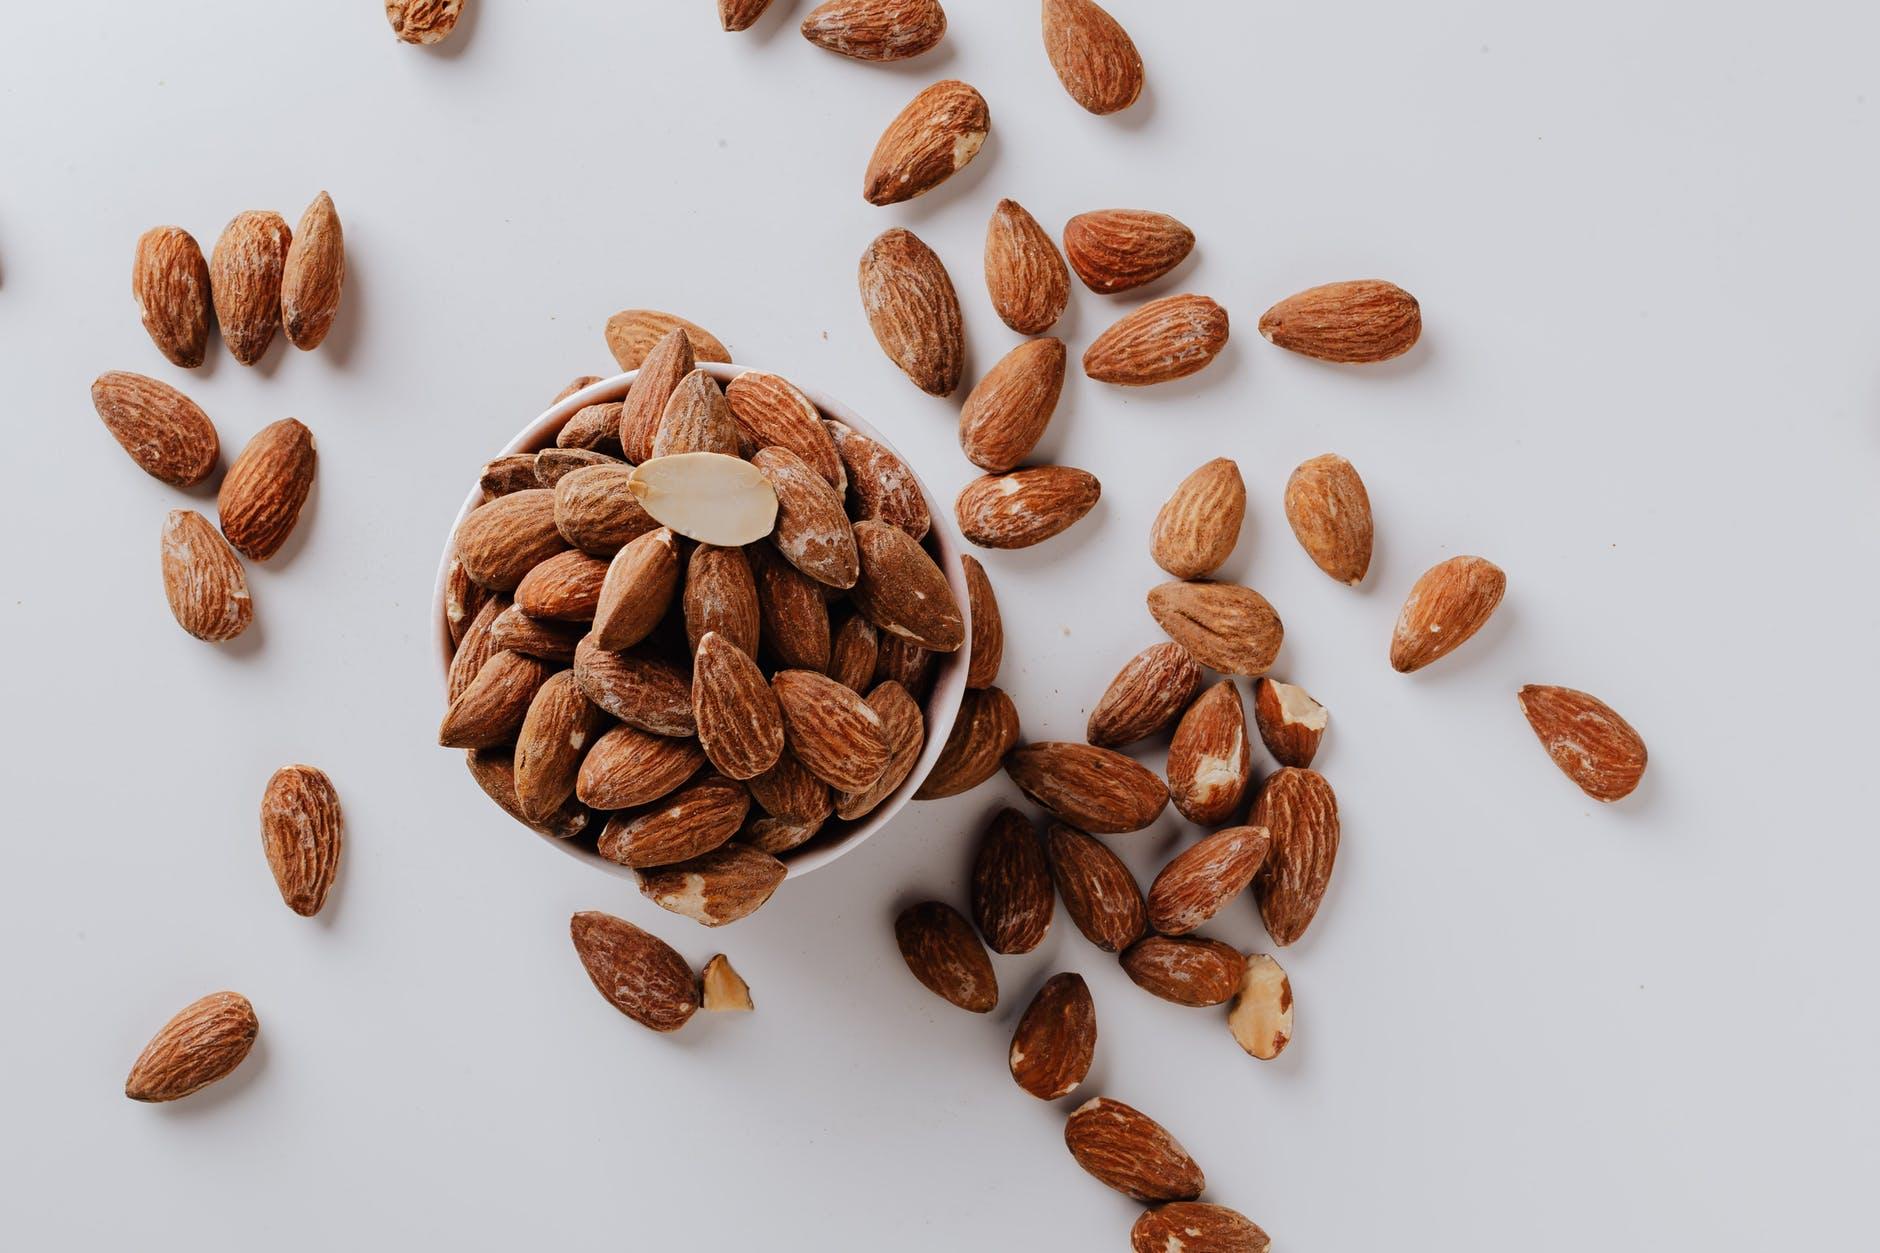 Khasiat ampuh kacang Almond bagi Kesehatan